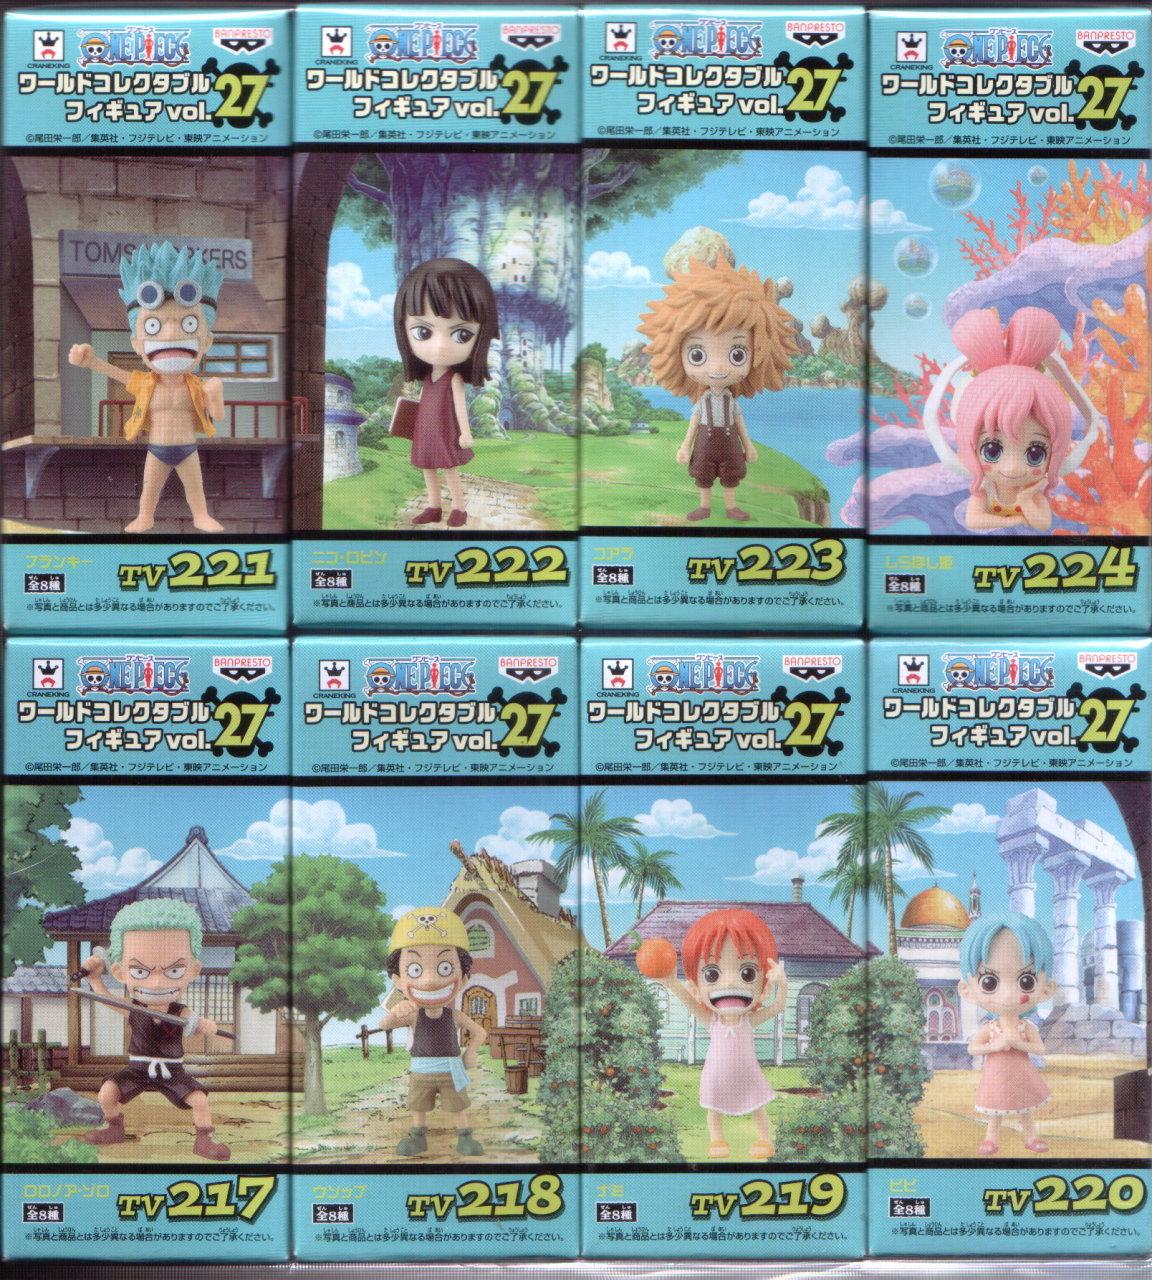 日版金證 WCF 小時候回憶篇 大全8隻 海賊王 航海王 VOL.27 One Piece 公仔 玩具